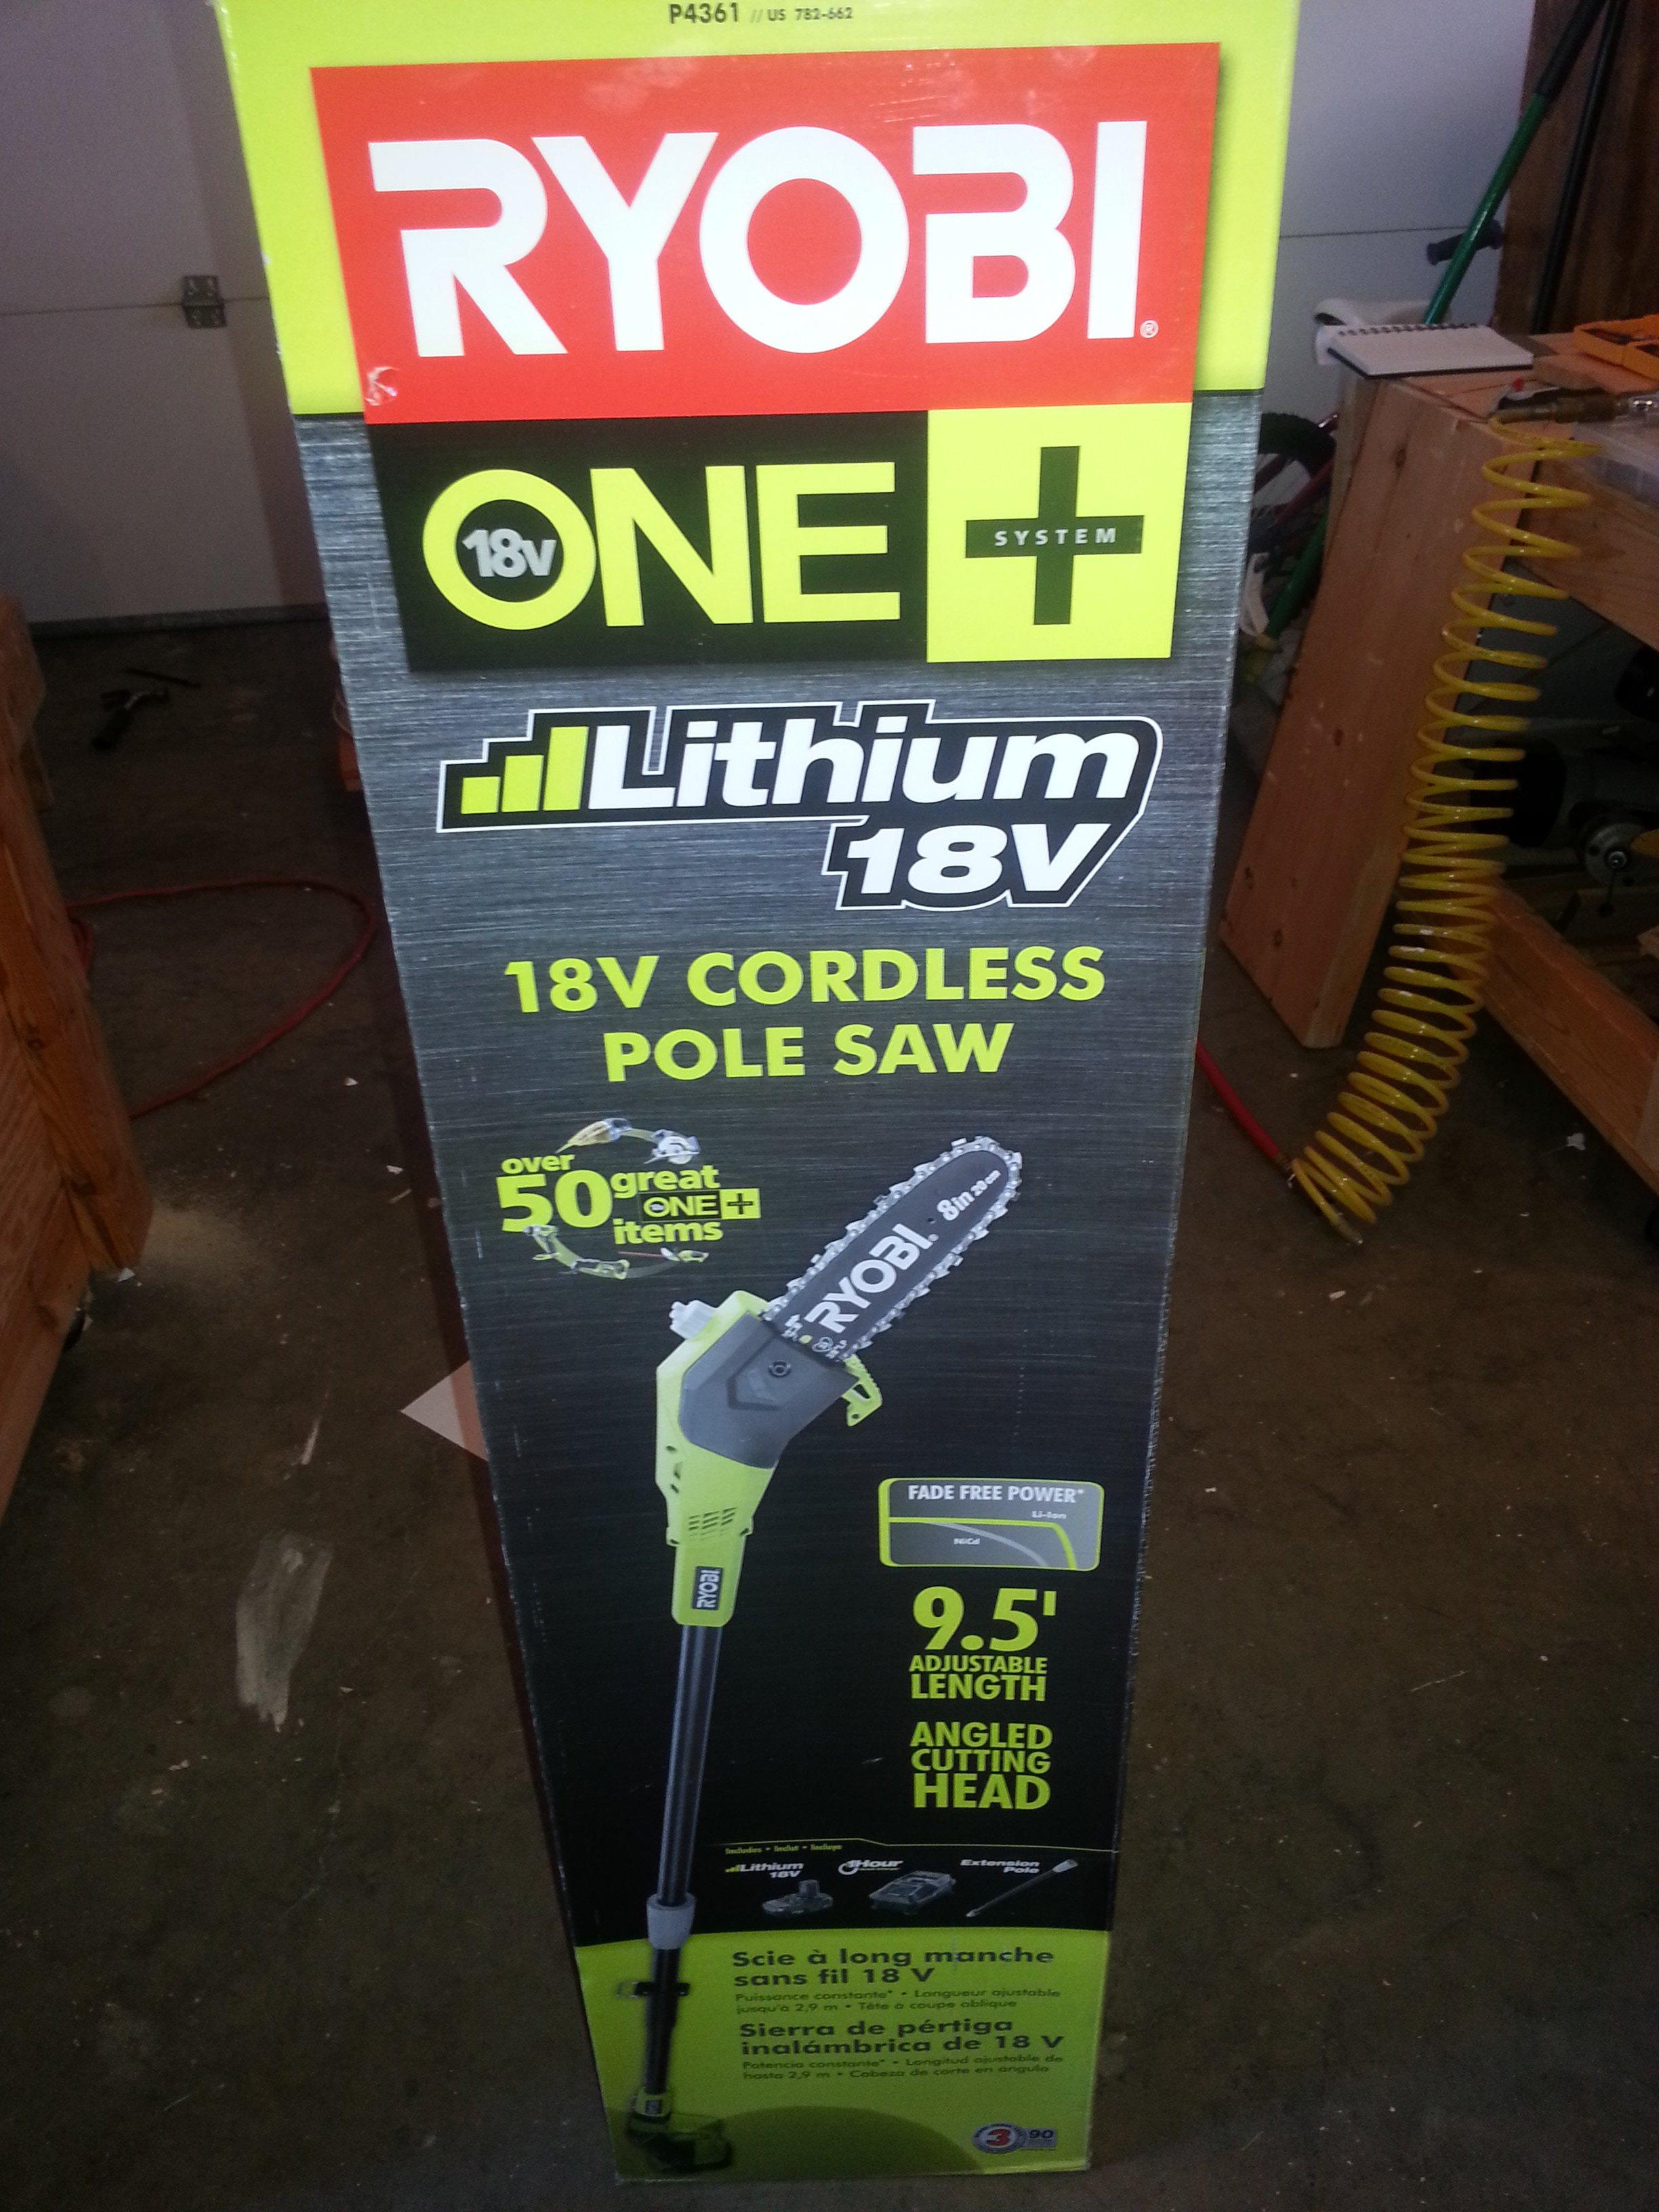 Ryobi Lithium-ion Pole Saw